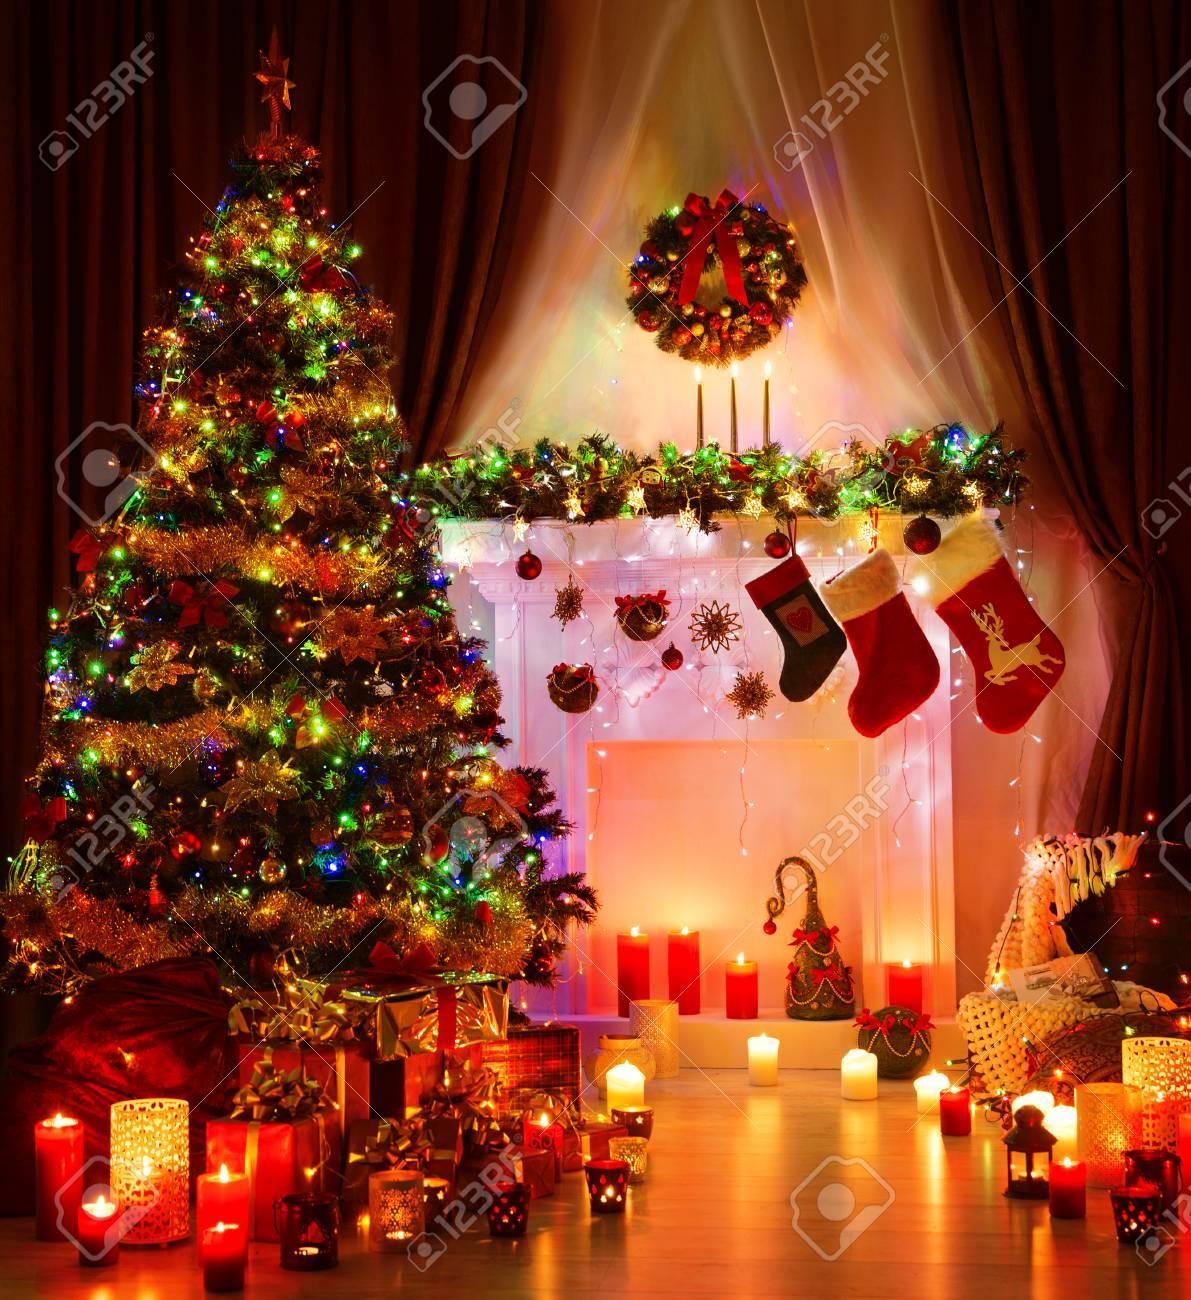 Weihnachtszimmer Und Beleuchtung Xmas Tree, Zauberinnen Kamin ...